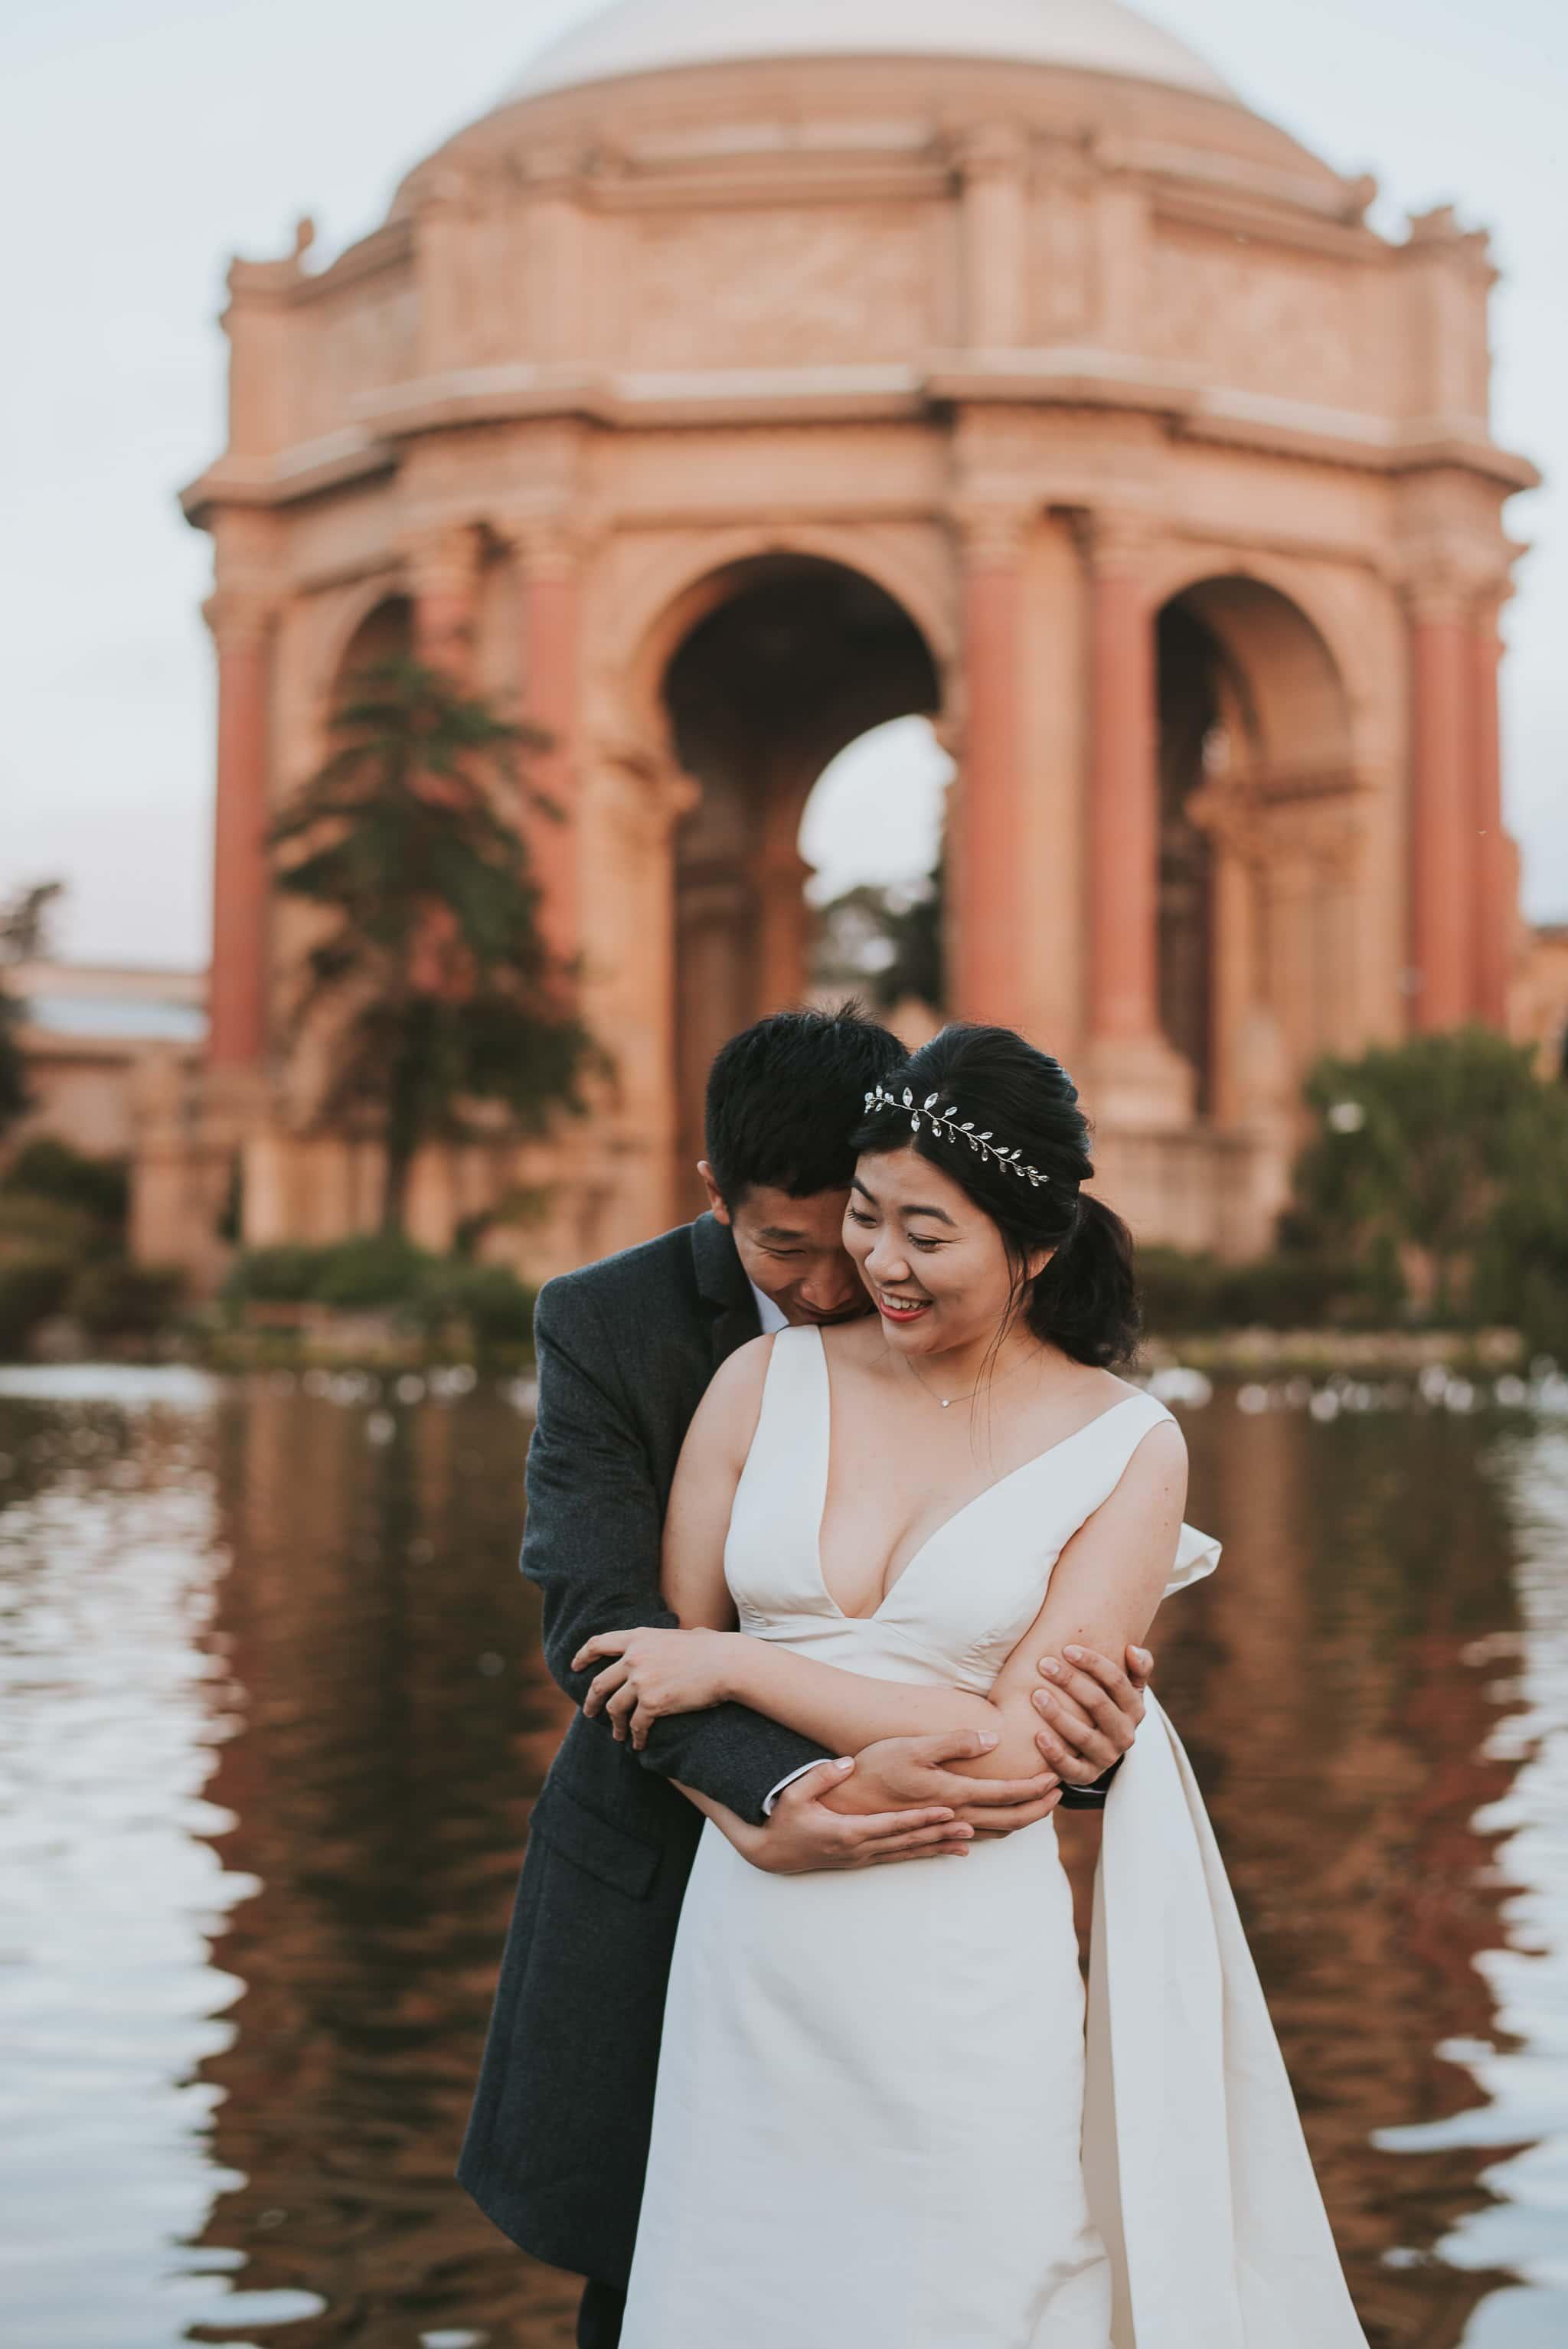 palace of fine arts wedding photographer